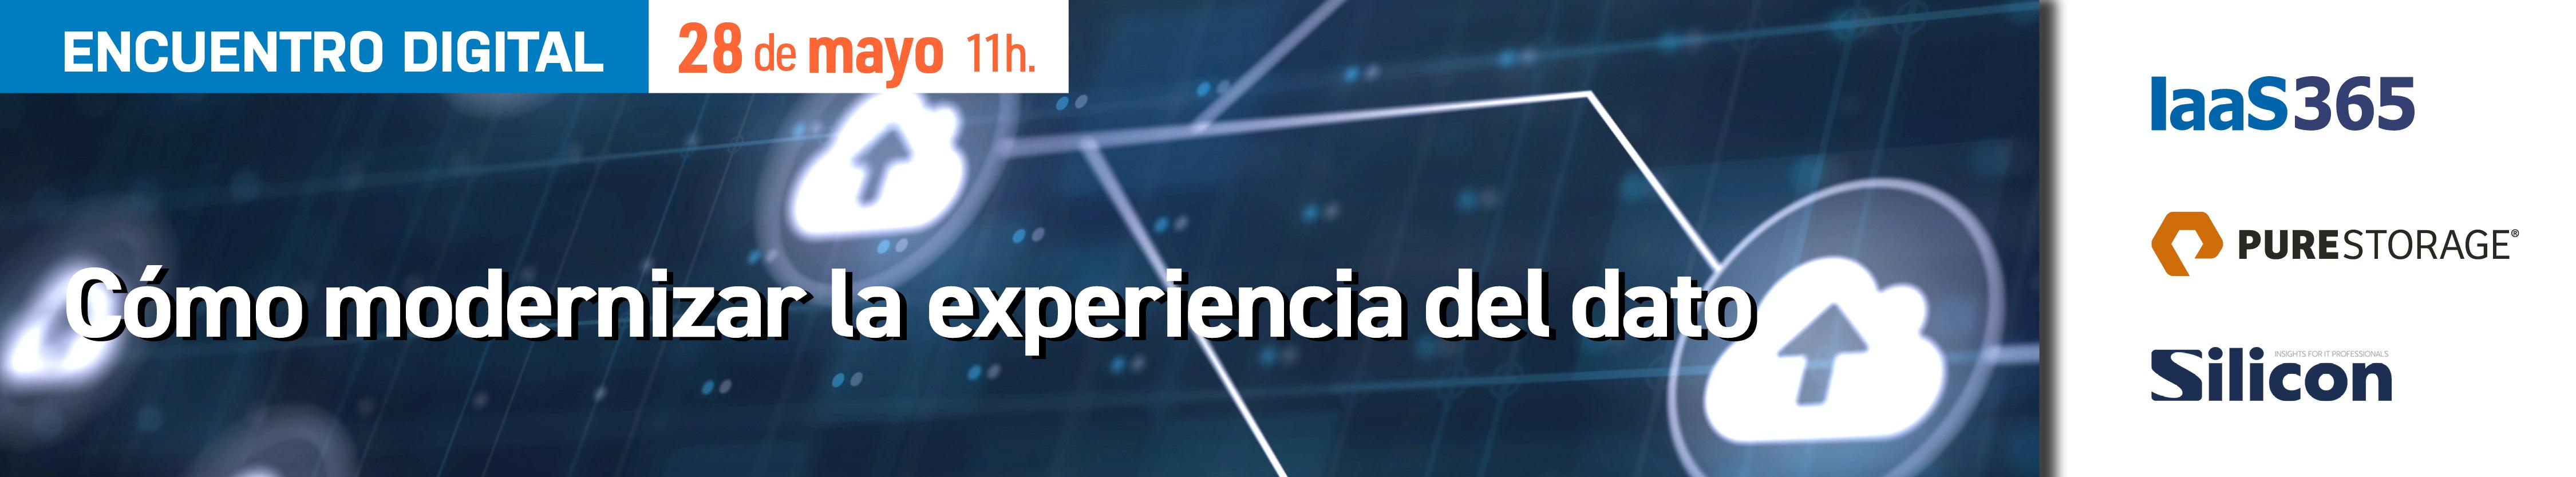 Encuentro digital: Cómo modernizar la experiencia del dato